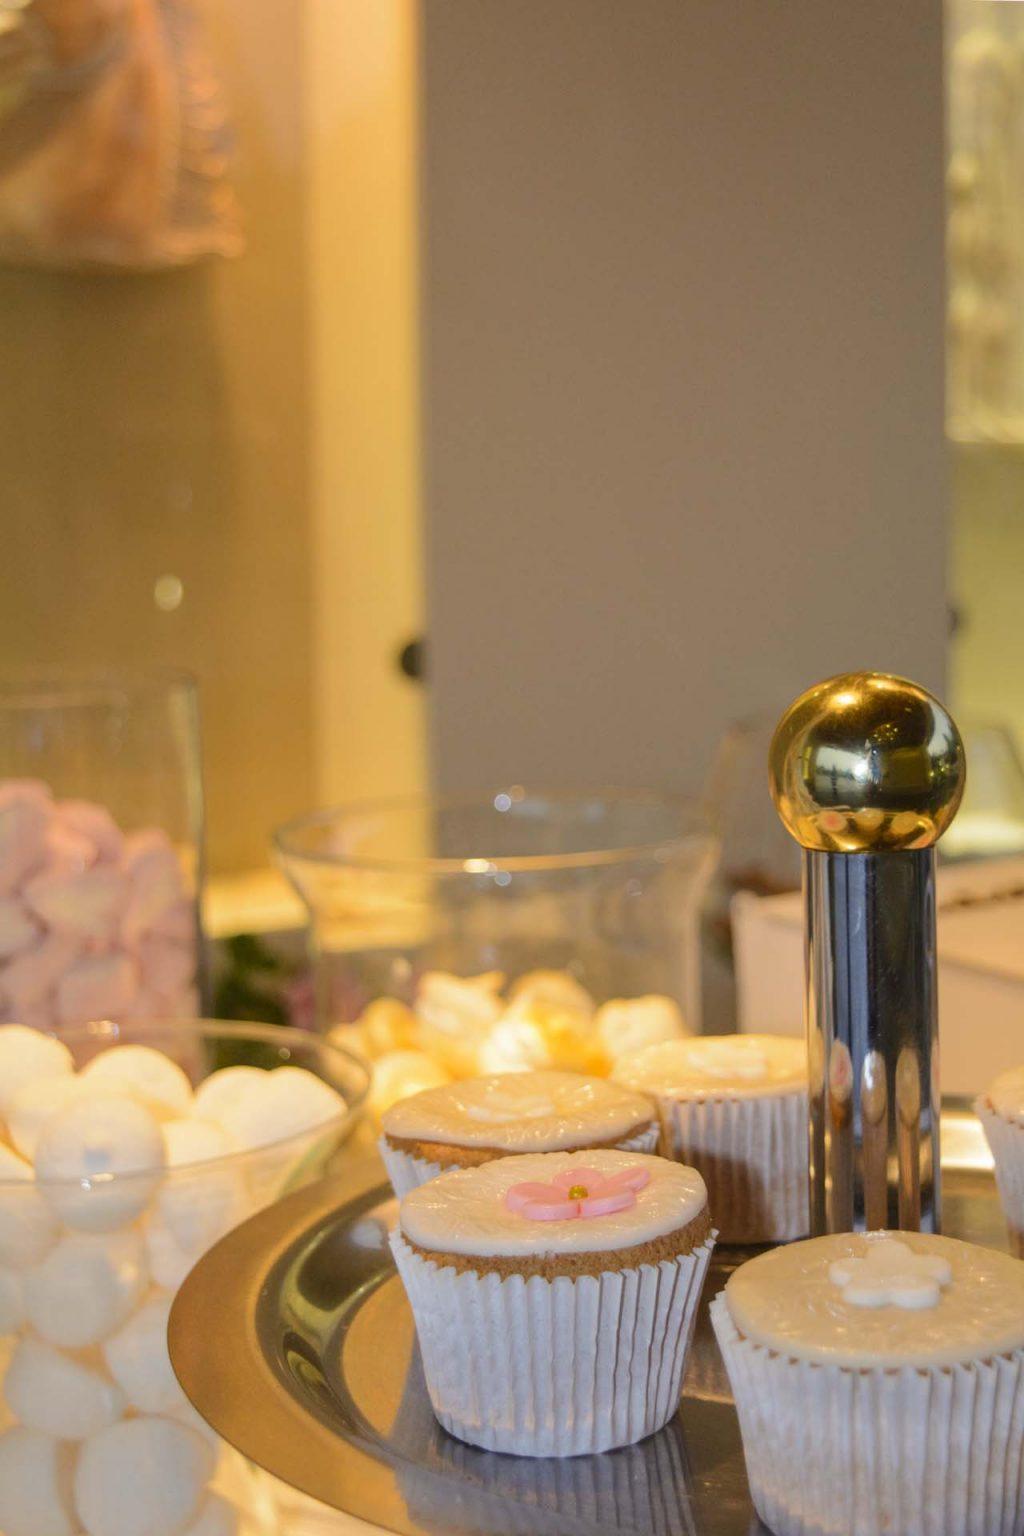 γαμήλια cupcakes για το τραπέζι υποδοχής